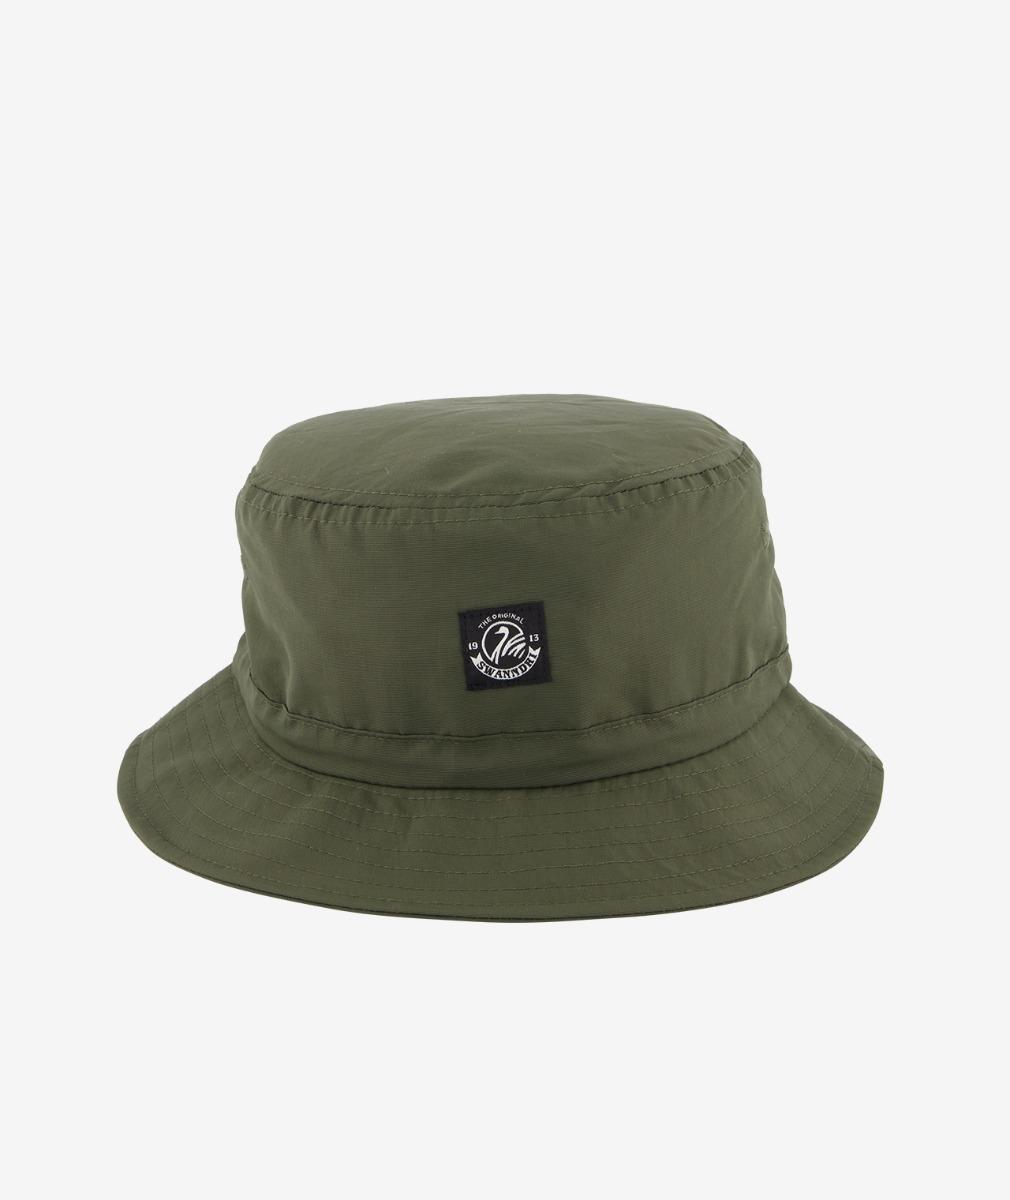 Swanndri Murrays Bay Hat V2 in Army